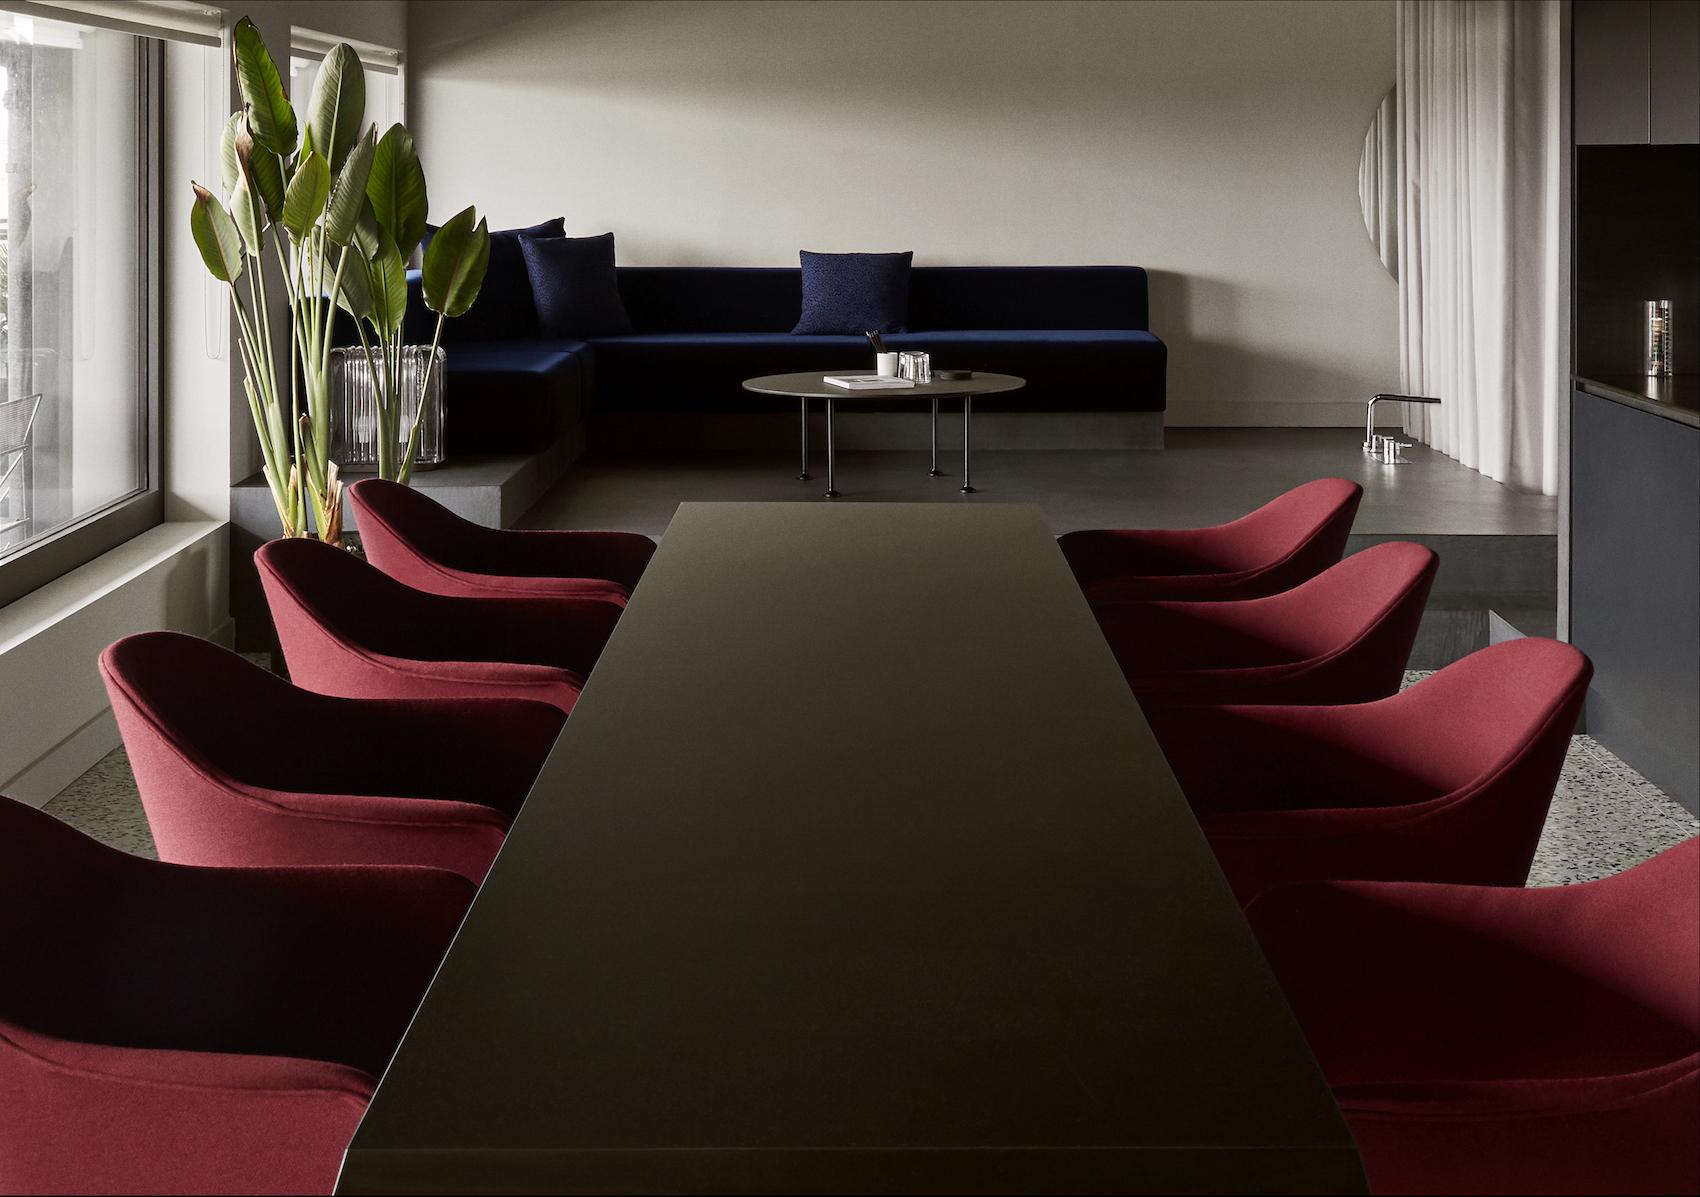 Co Chair The Lab Menu, modern furniture, chair, scandinavian design, scandinavian home Tintagel.jpg